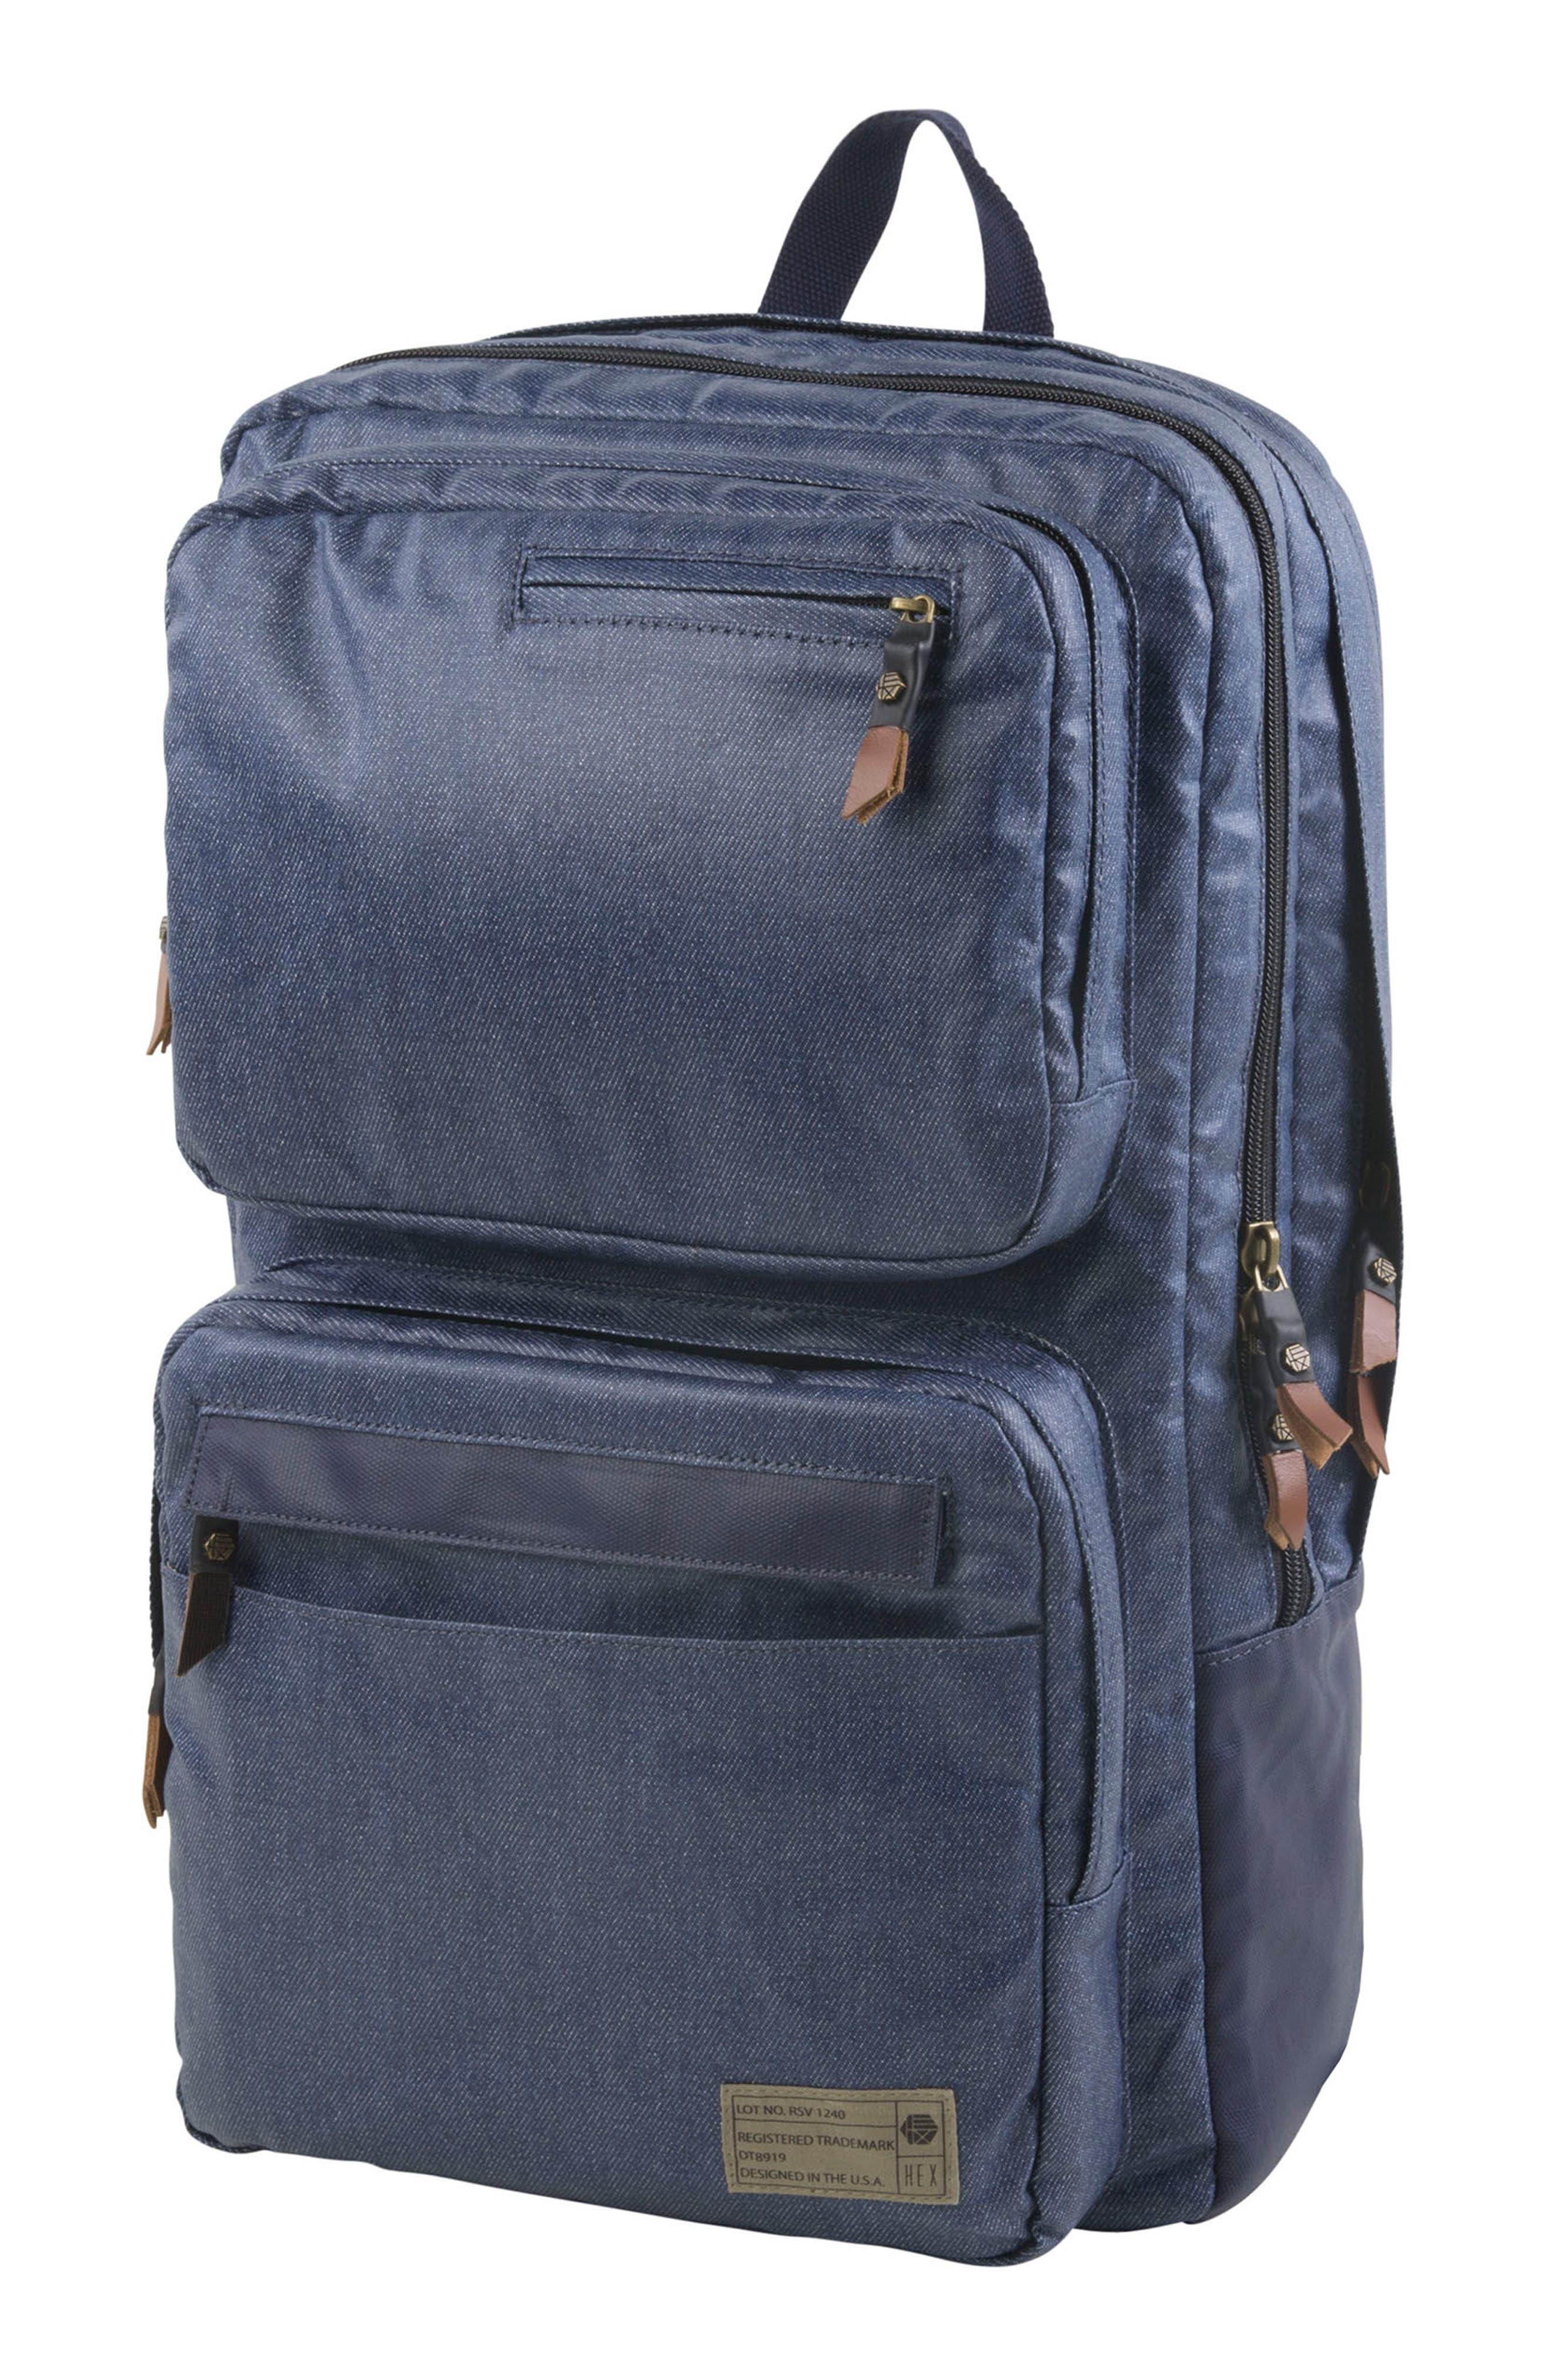 HEX Patrol Backpack